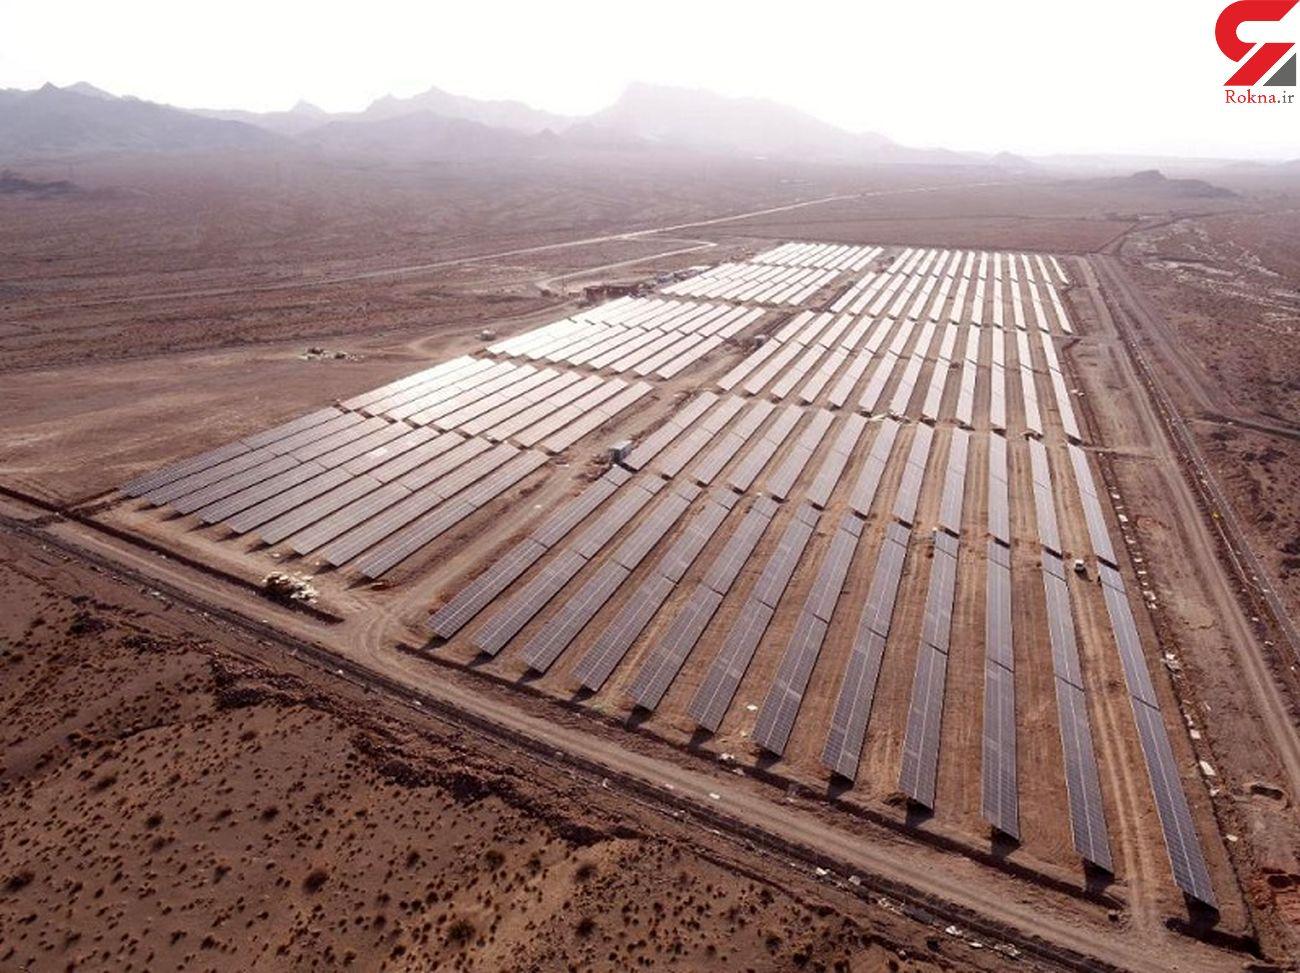 بیش از 4900 مگاوات ساعت انرژی در نیروگاه خورشیدی کوشک به بهره برداری رسید